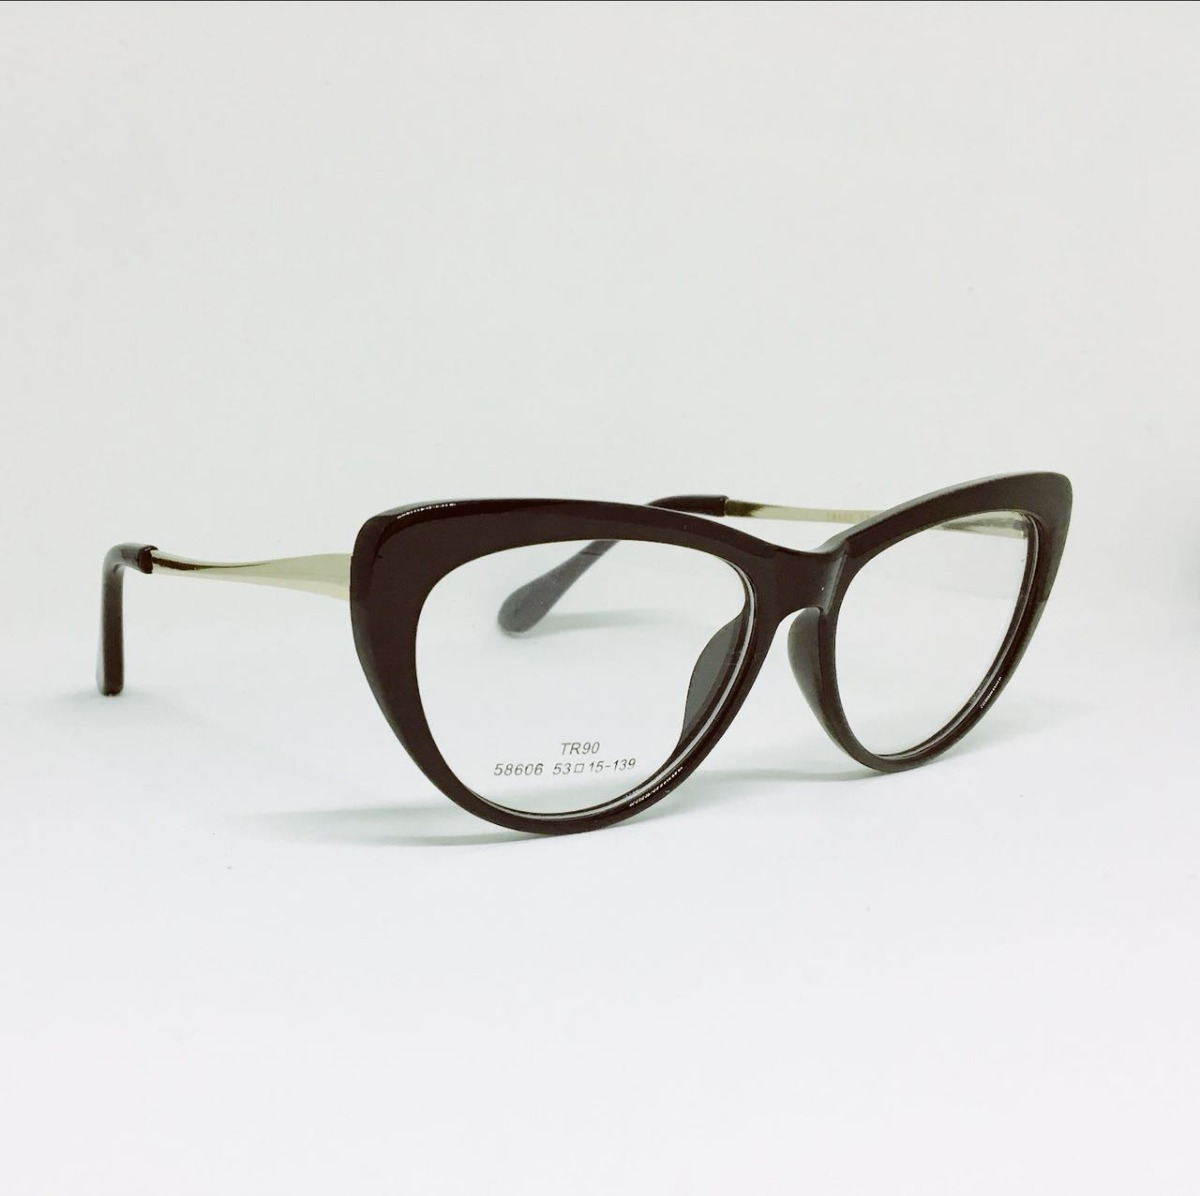 c0df8f4ea armação óculos feminino gatinho geek retro cores + brinde. Carregando zoom.